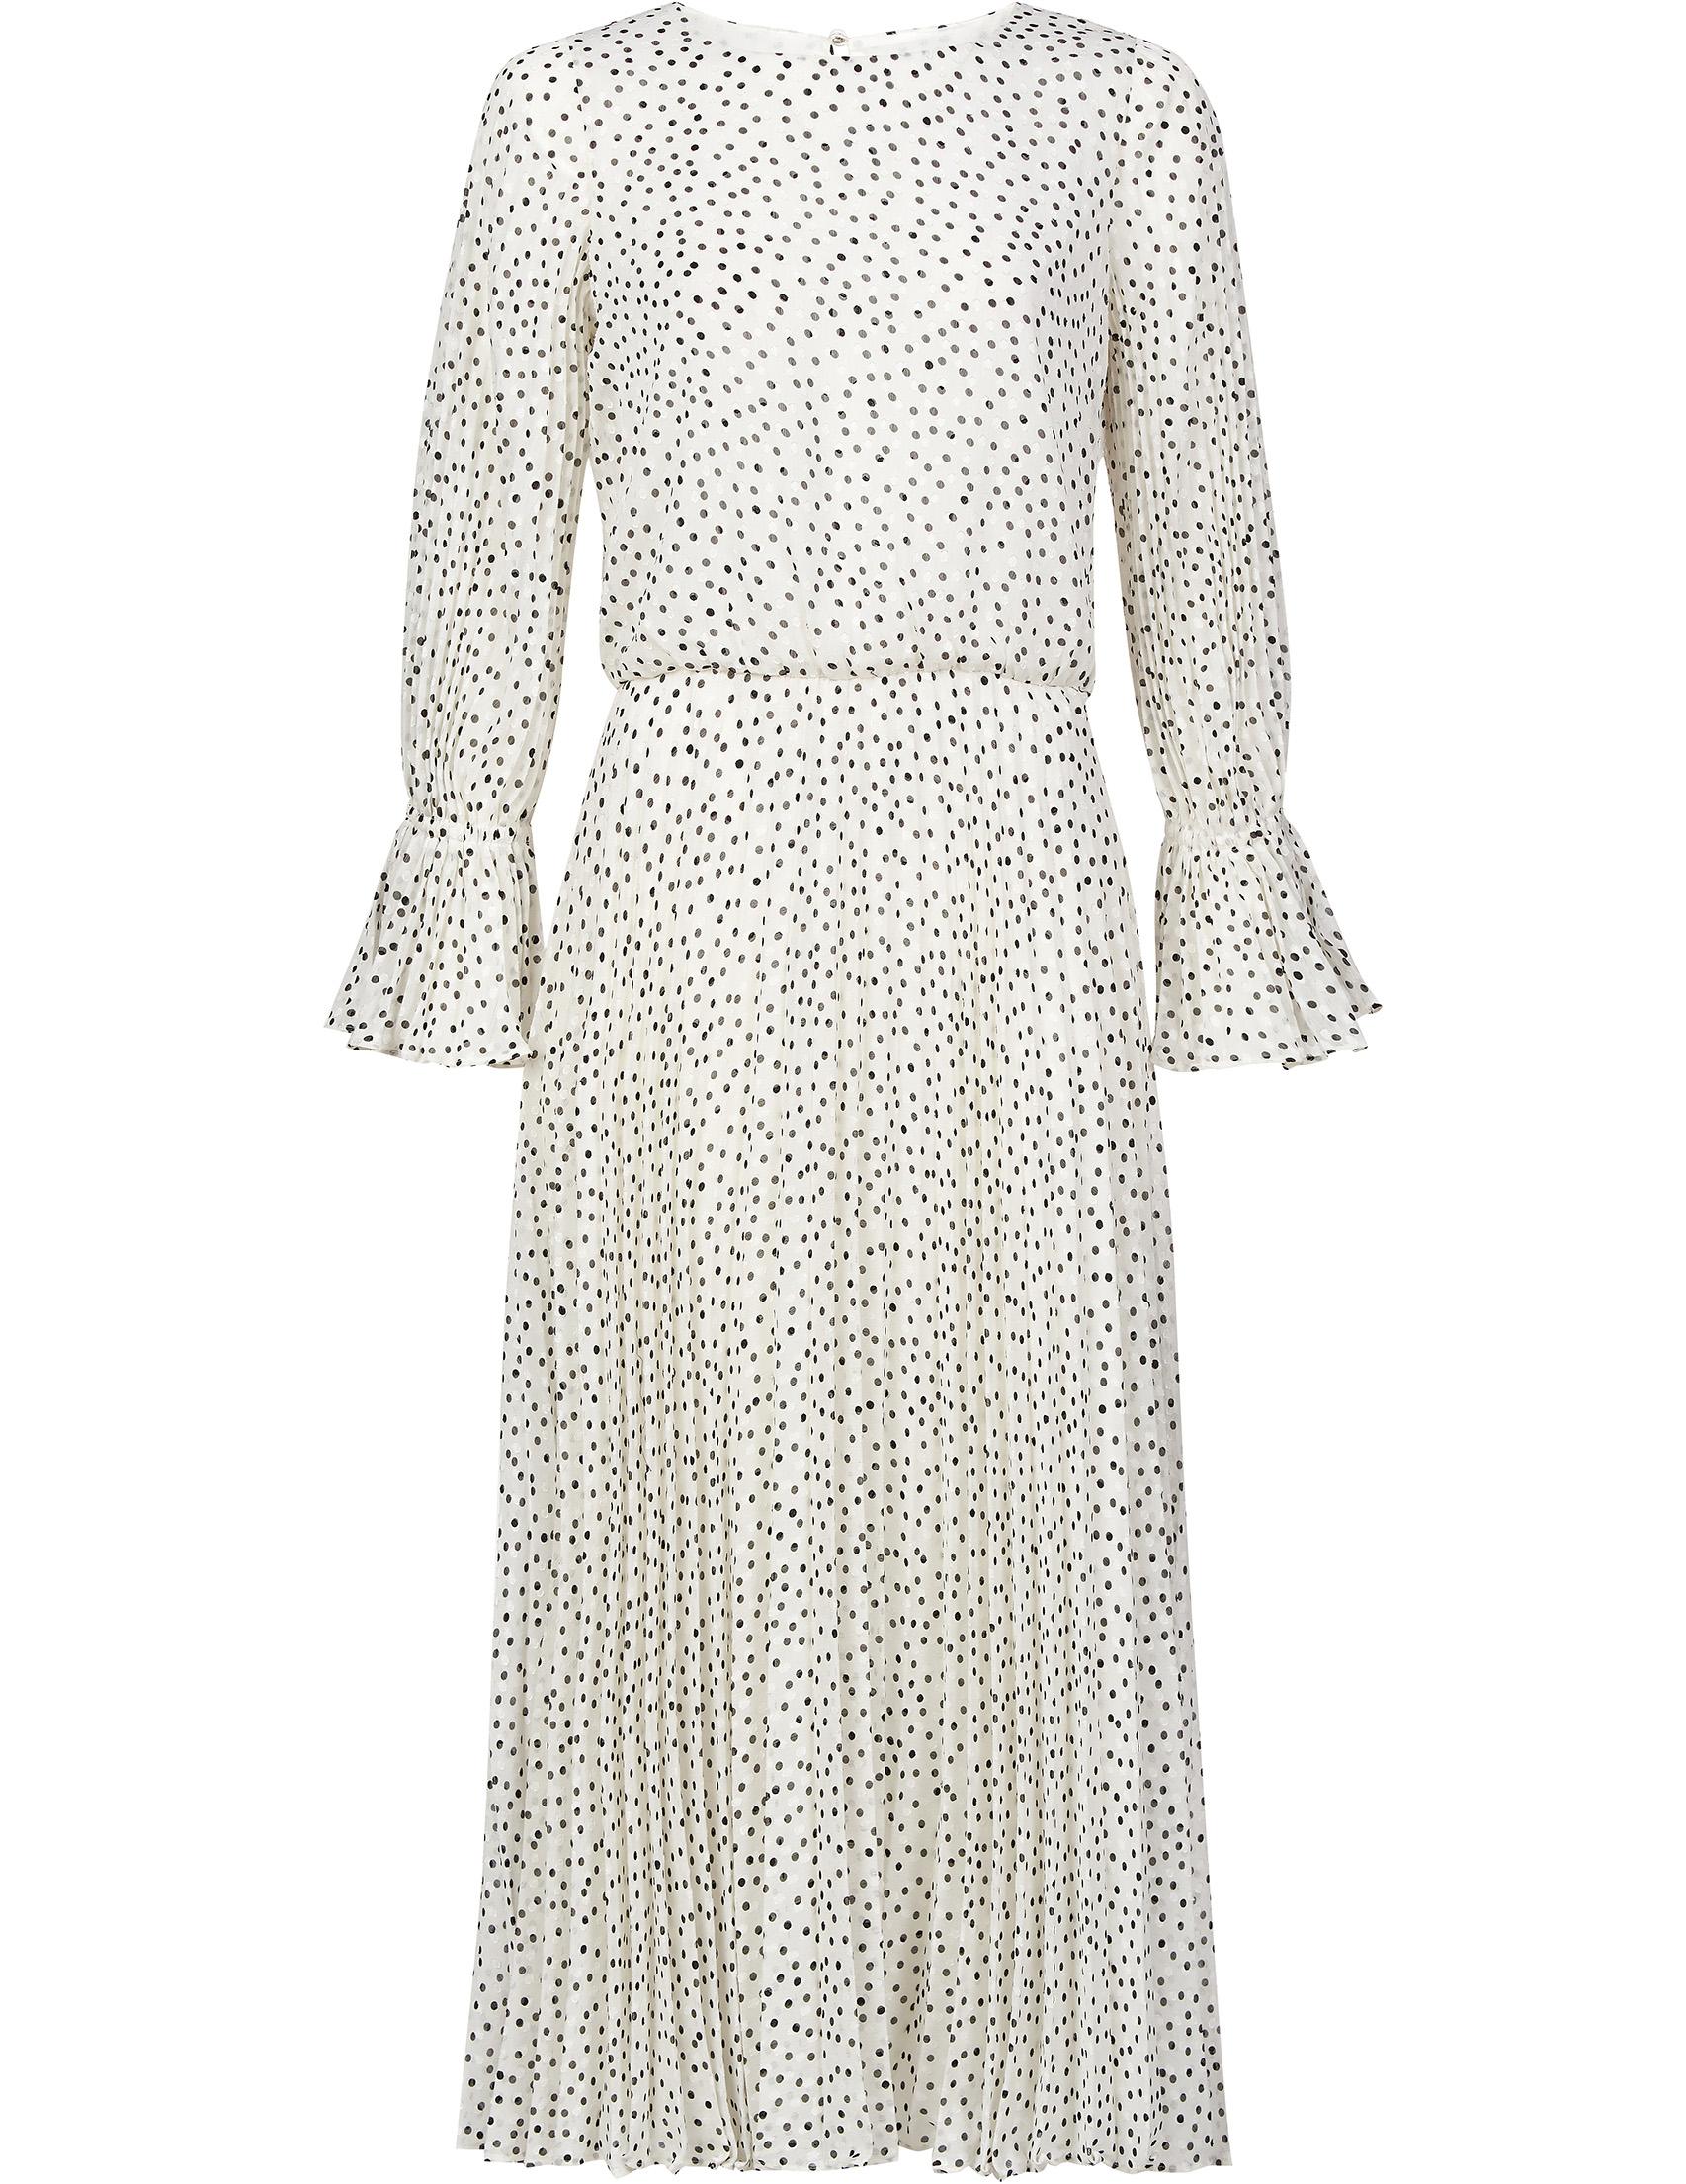 Платья, Платье, EMPORIO ARMANI, Белый, 100%Полиэстер, Осень-Зима  - купить со скидкой